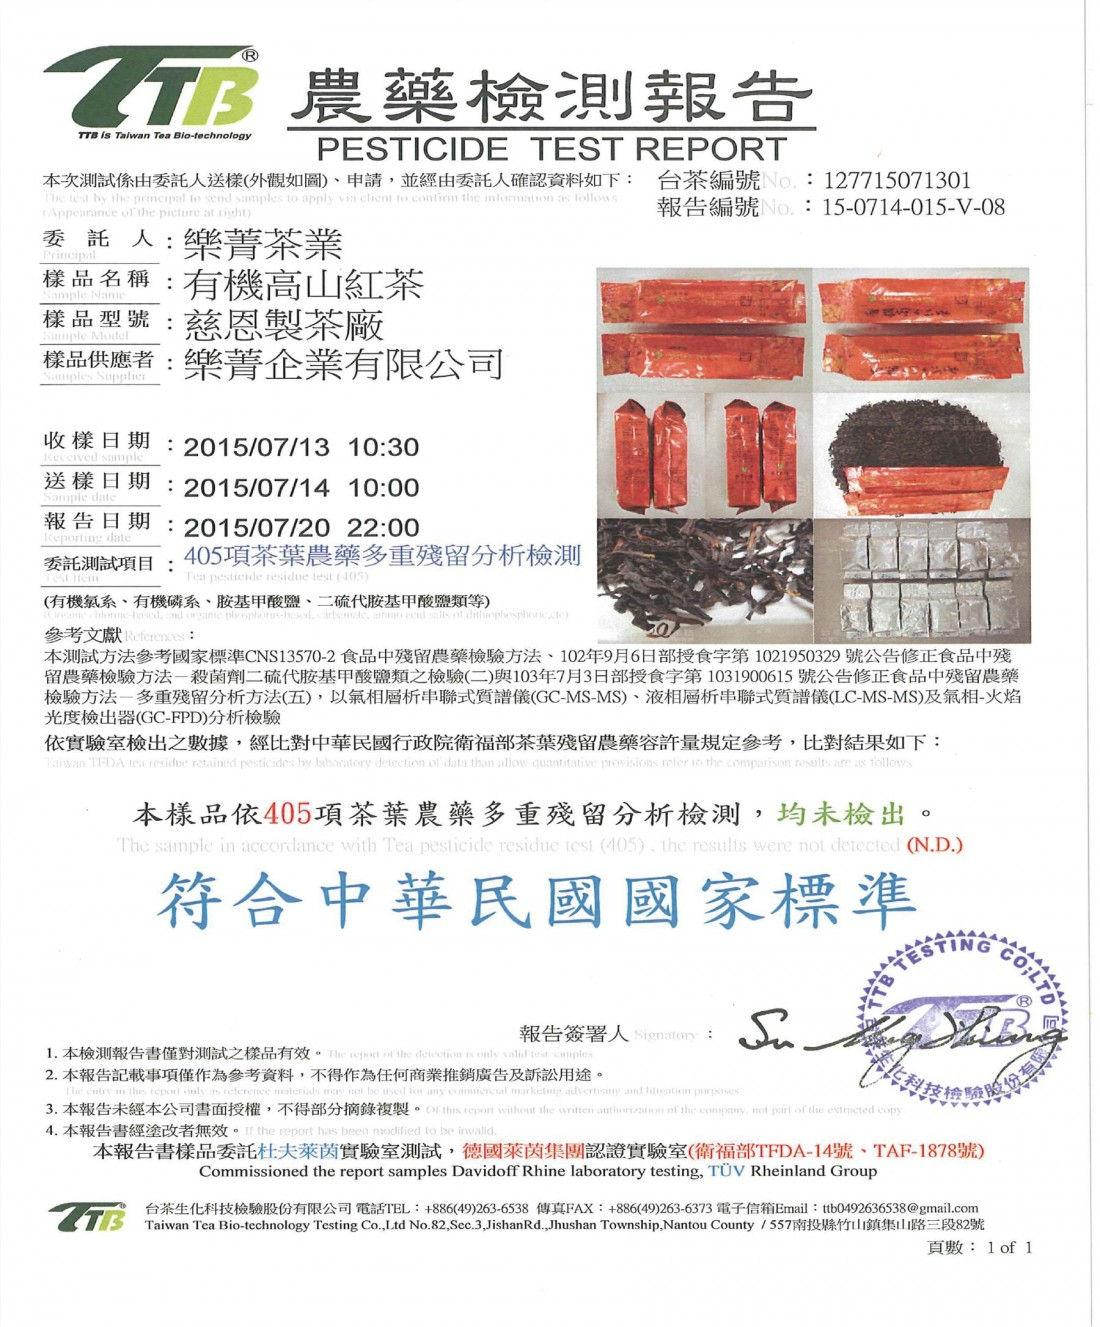 有機高山紅茶-茶葉無農藥殘留檢驗報告